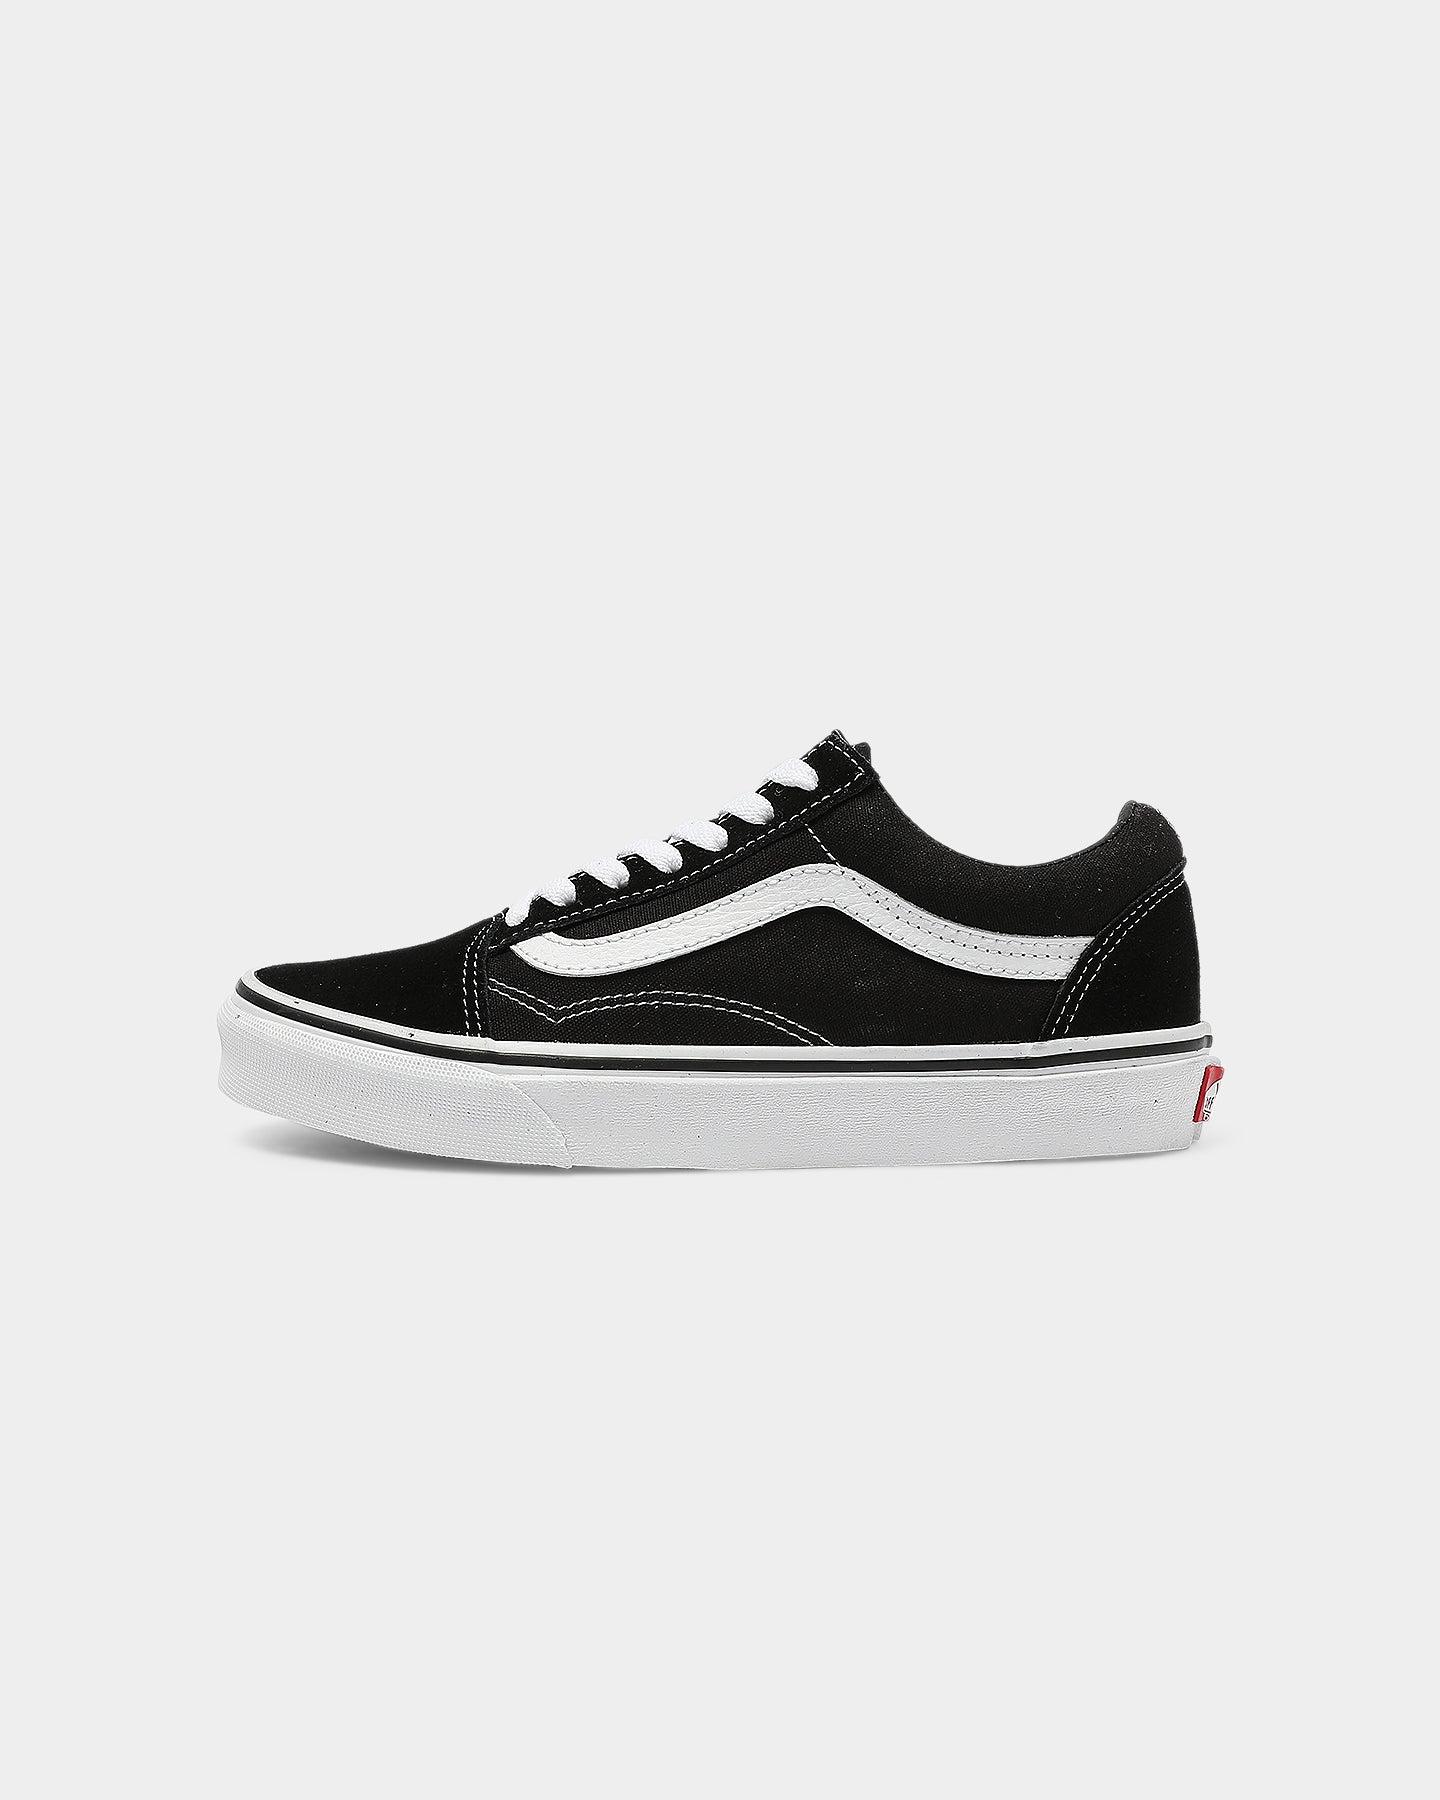 Vans Old Skool Black/white | Culture